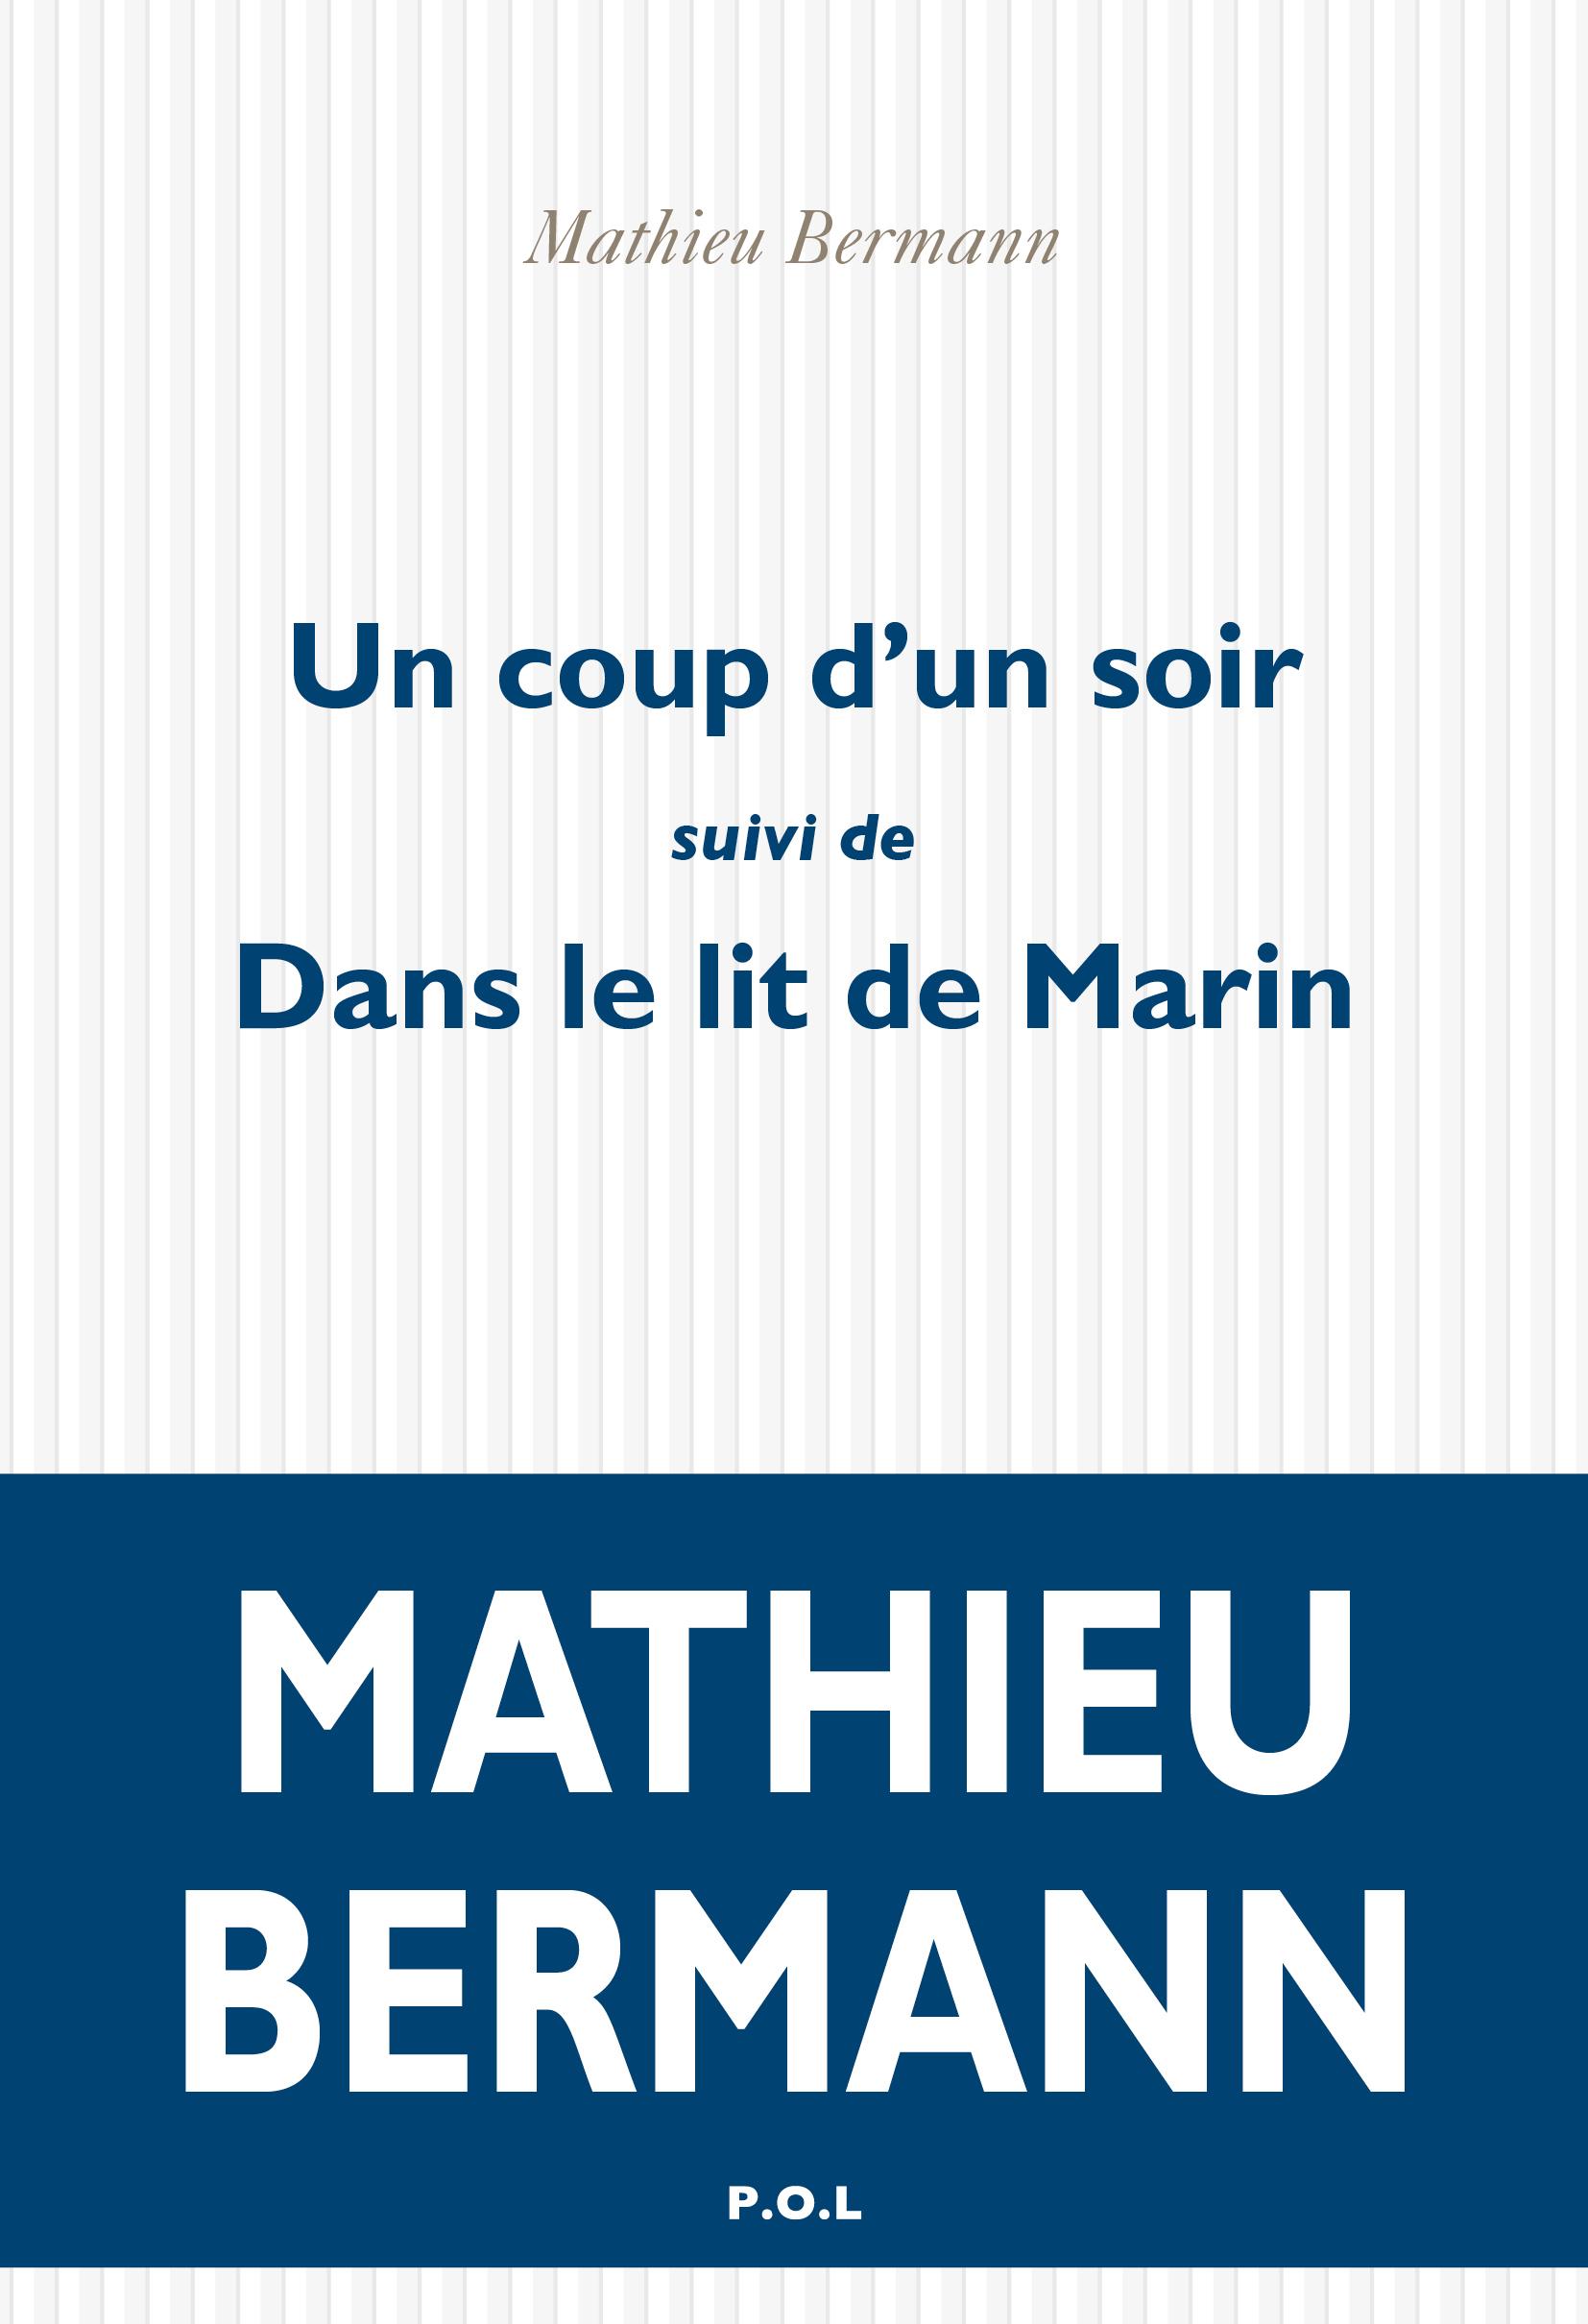 UN COUP D'UN SOIR/DANS LE LIT DE MARIN